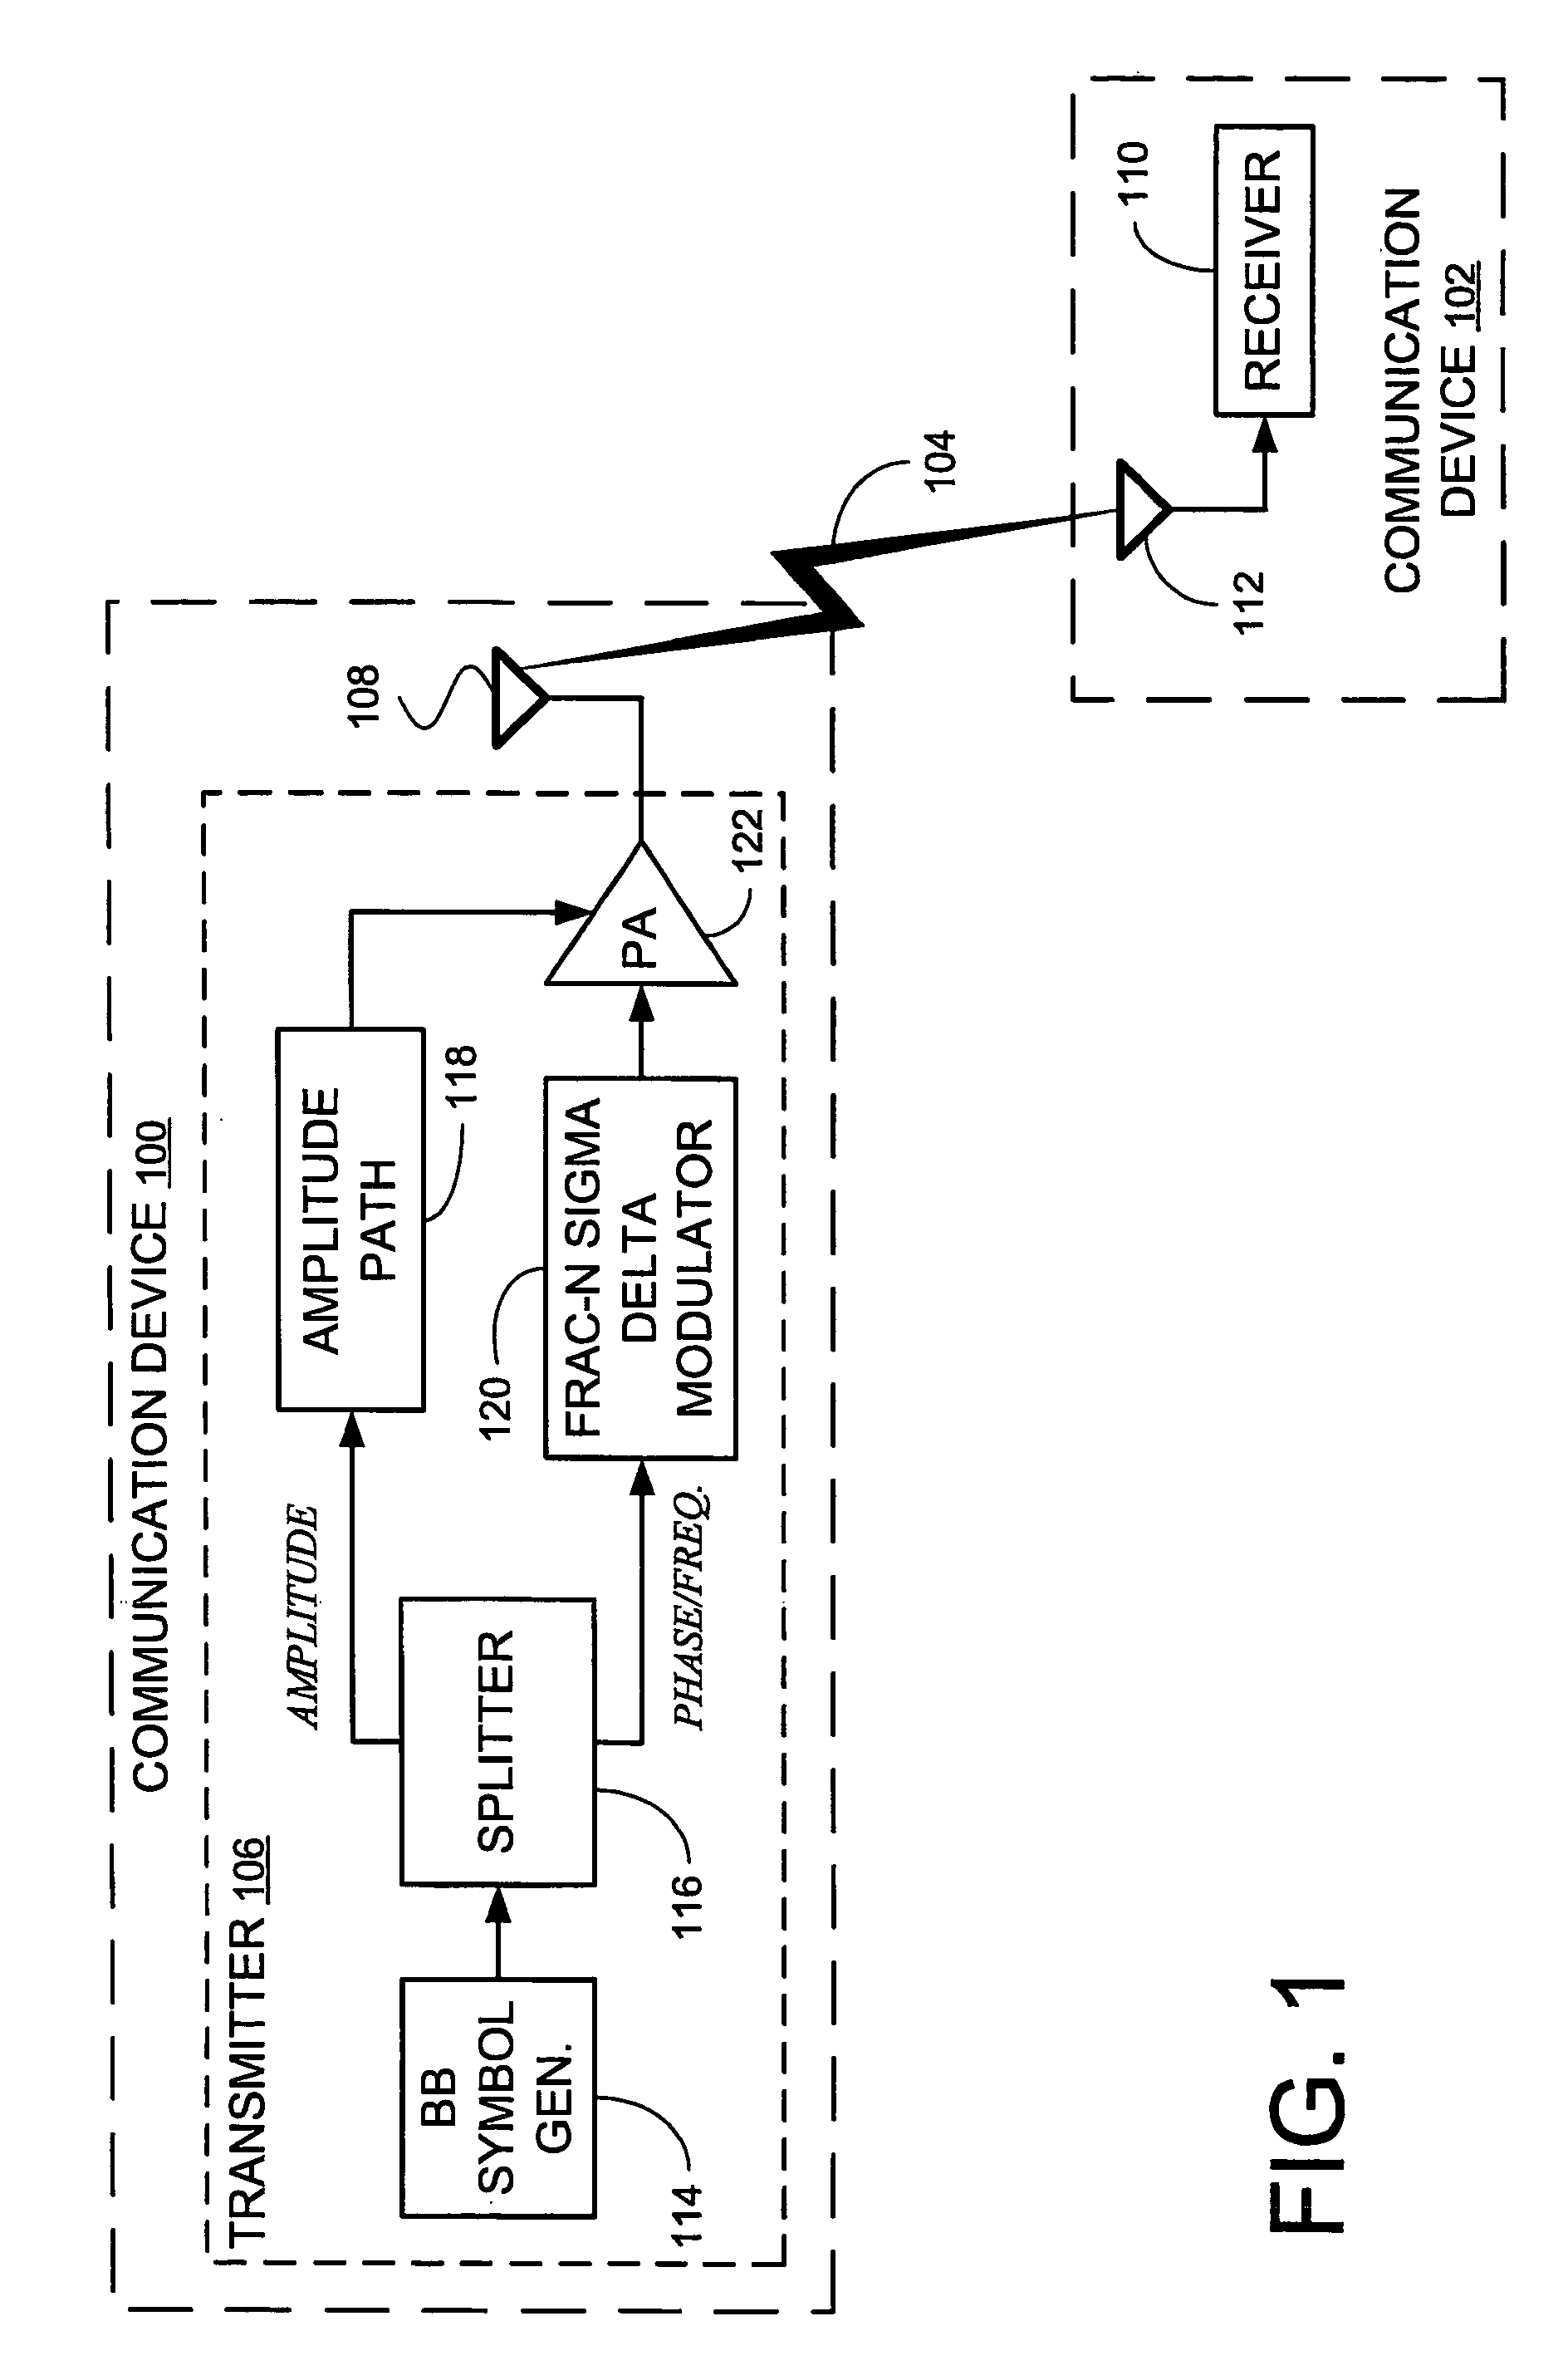 patent us7912145